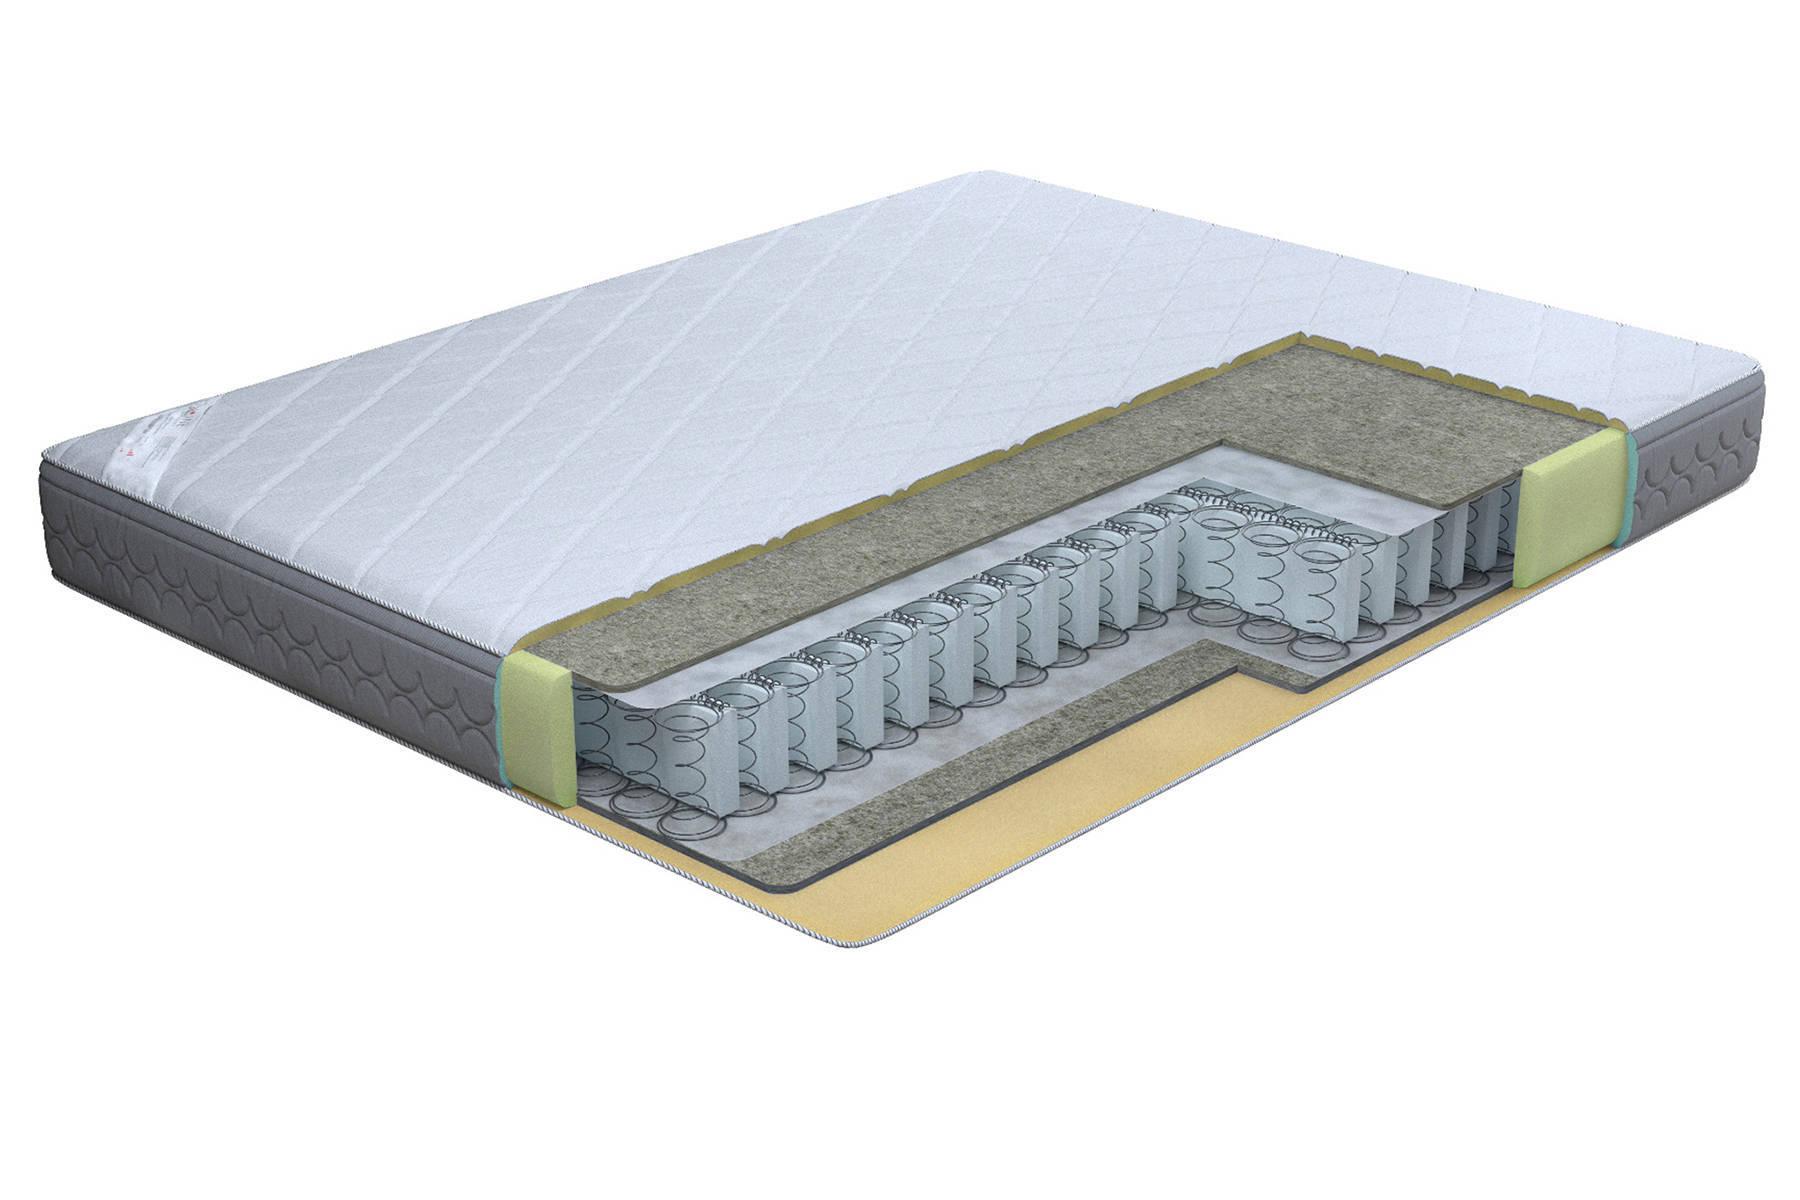 Матрас Престиж - Практичный матрас односпальный столлайн матрас престиж орлеан 900x1900